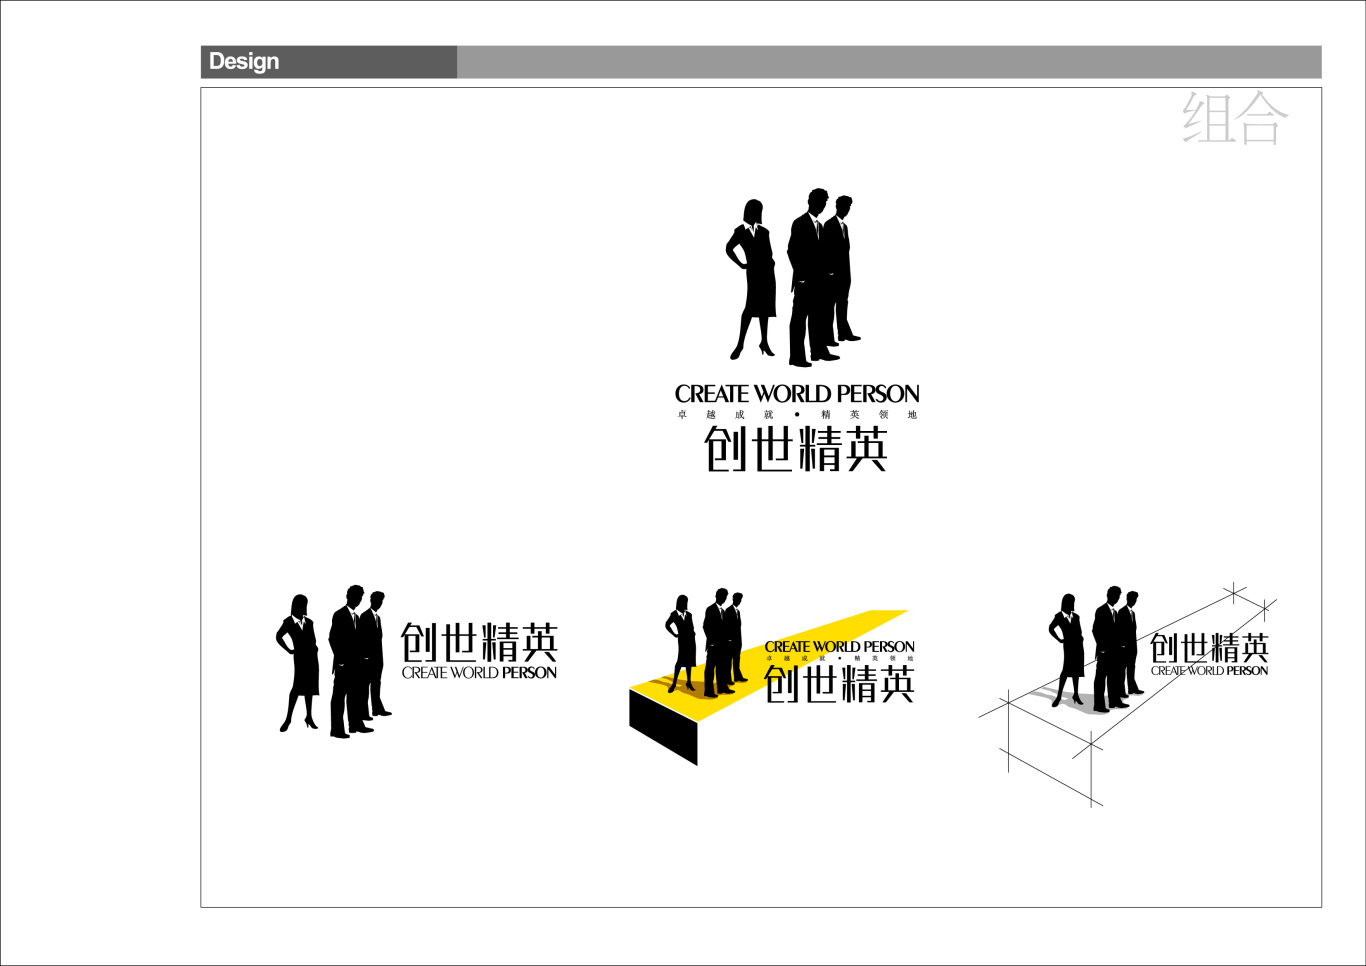 国际商务公寓的整体推广方案图24